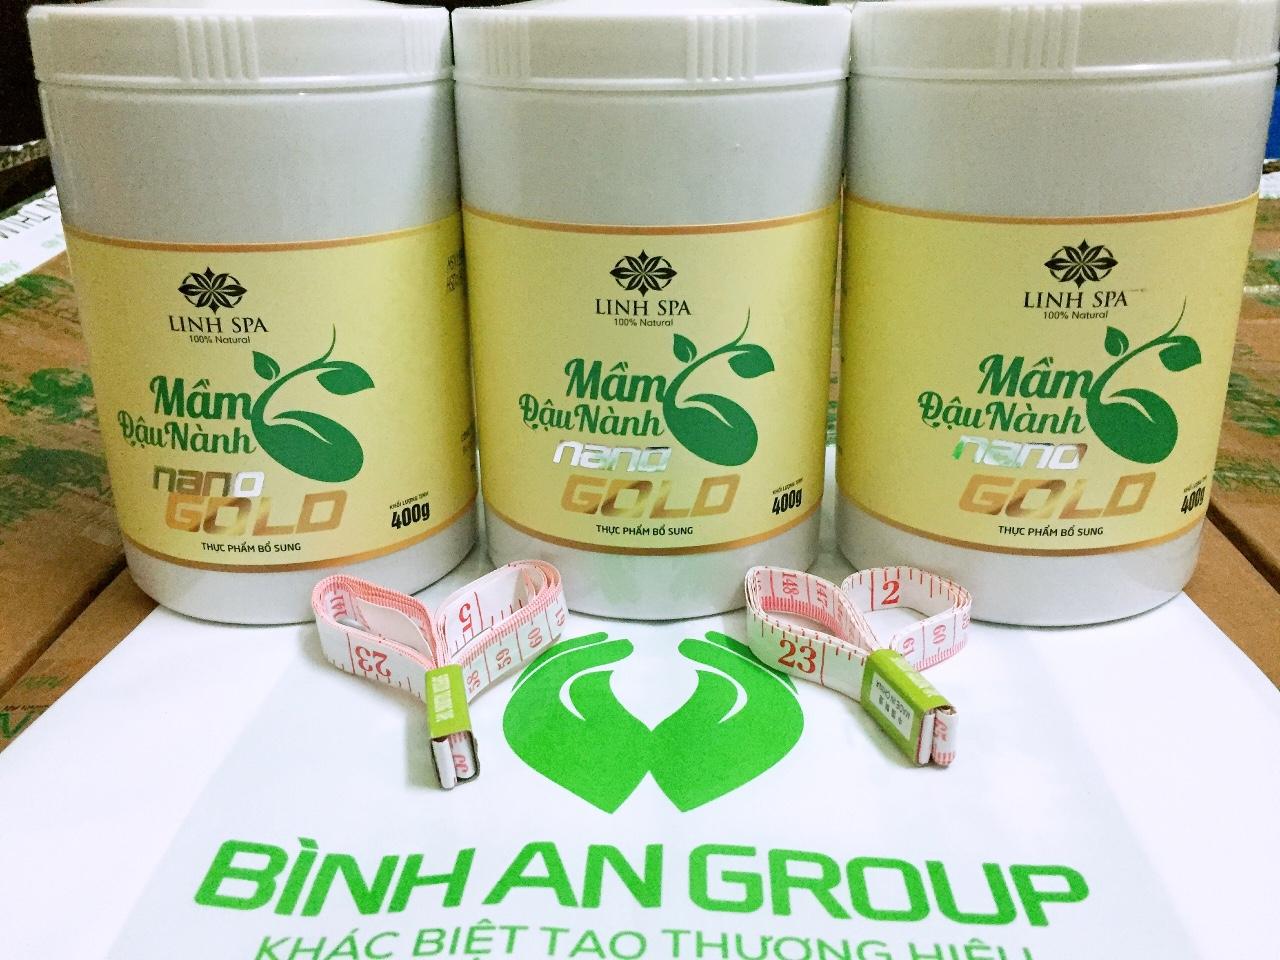 Mầm đậu nành nano gold linh spa giá 390k